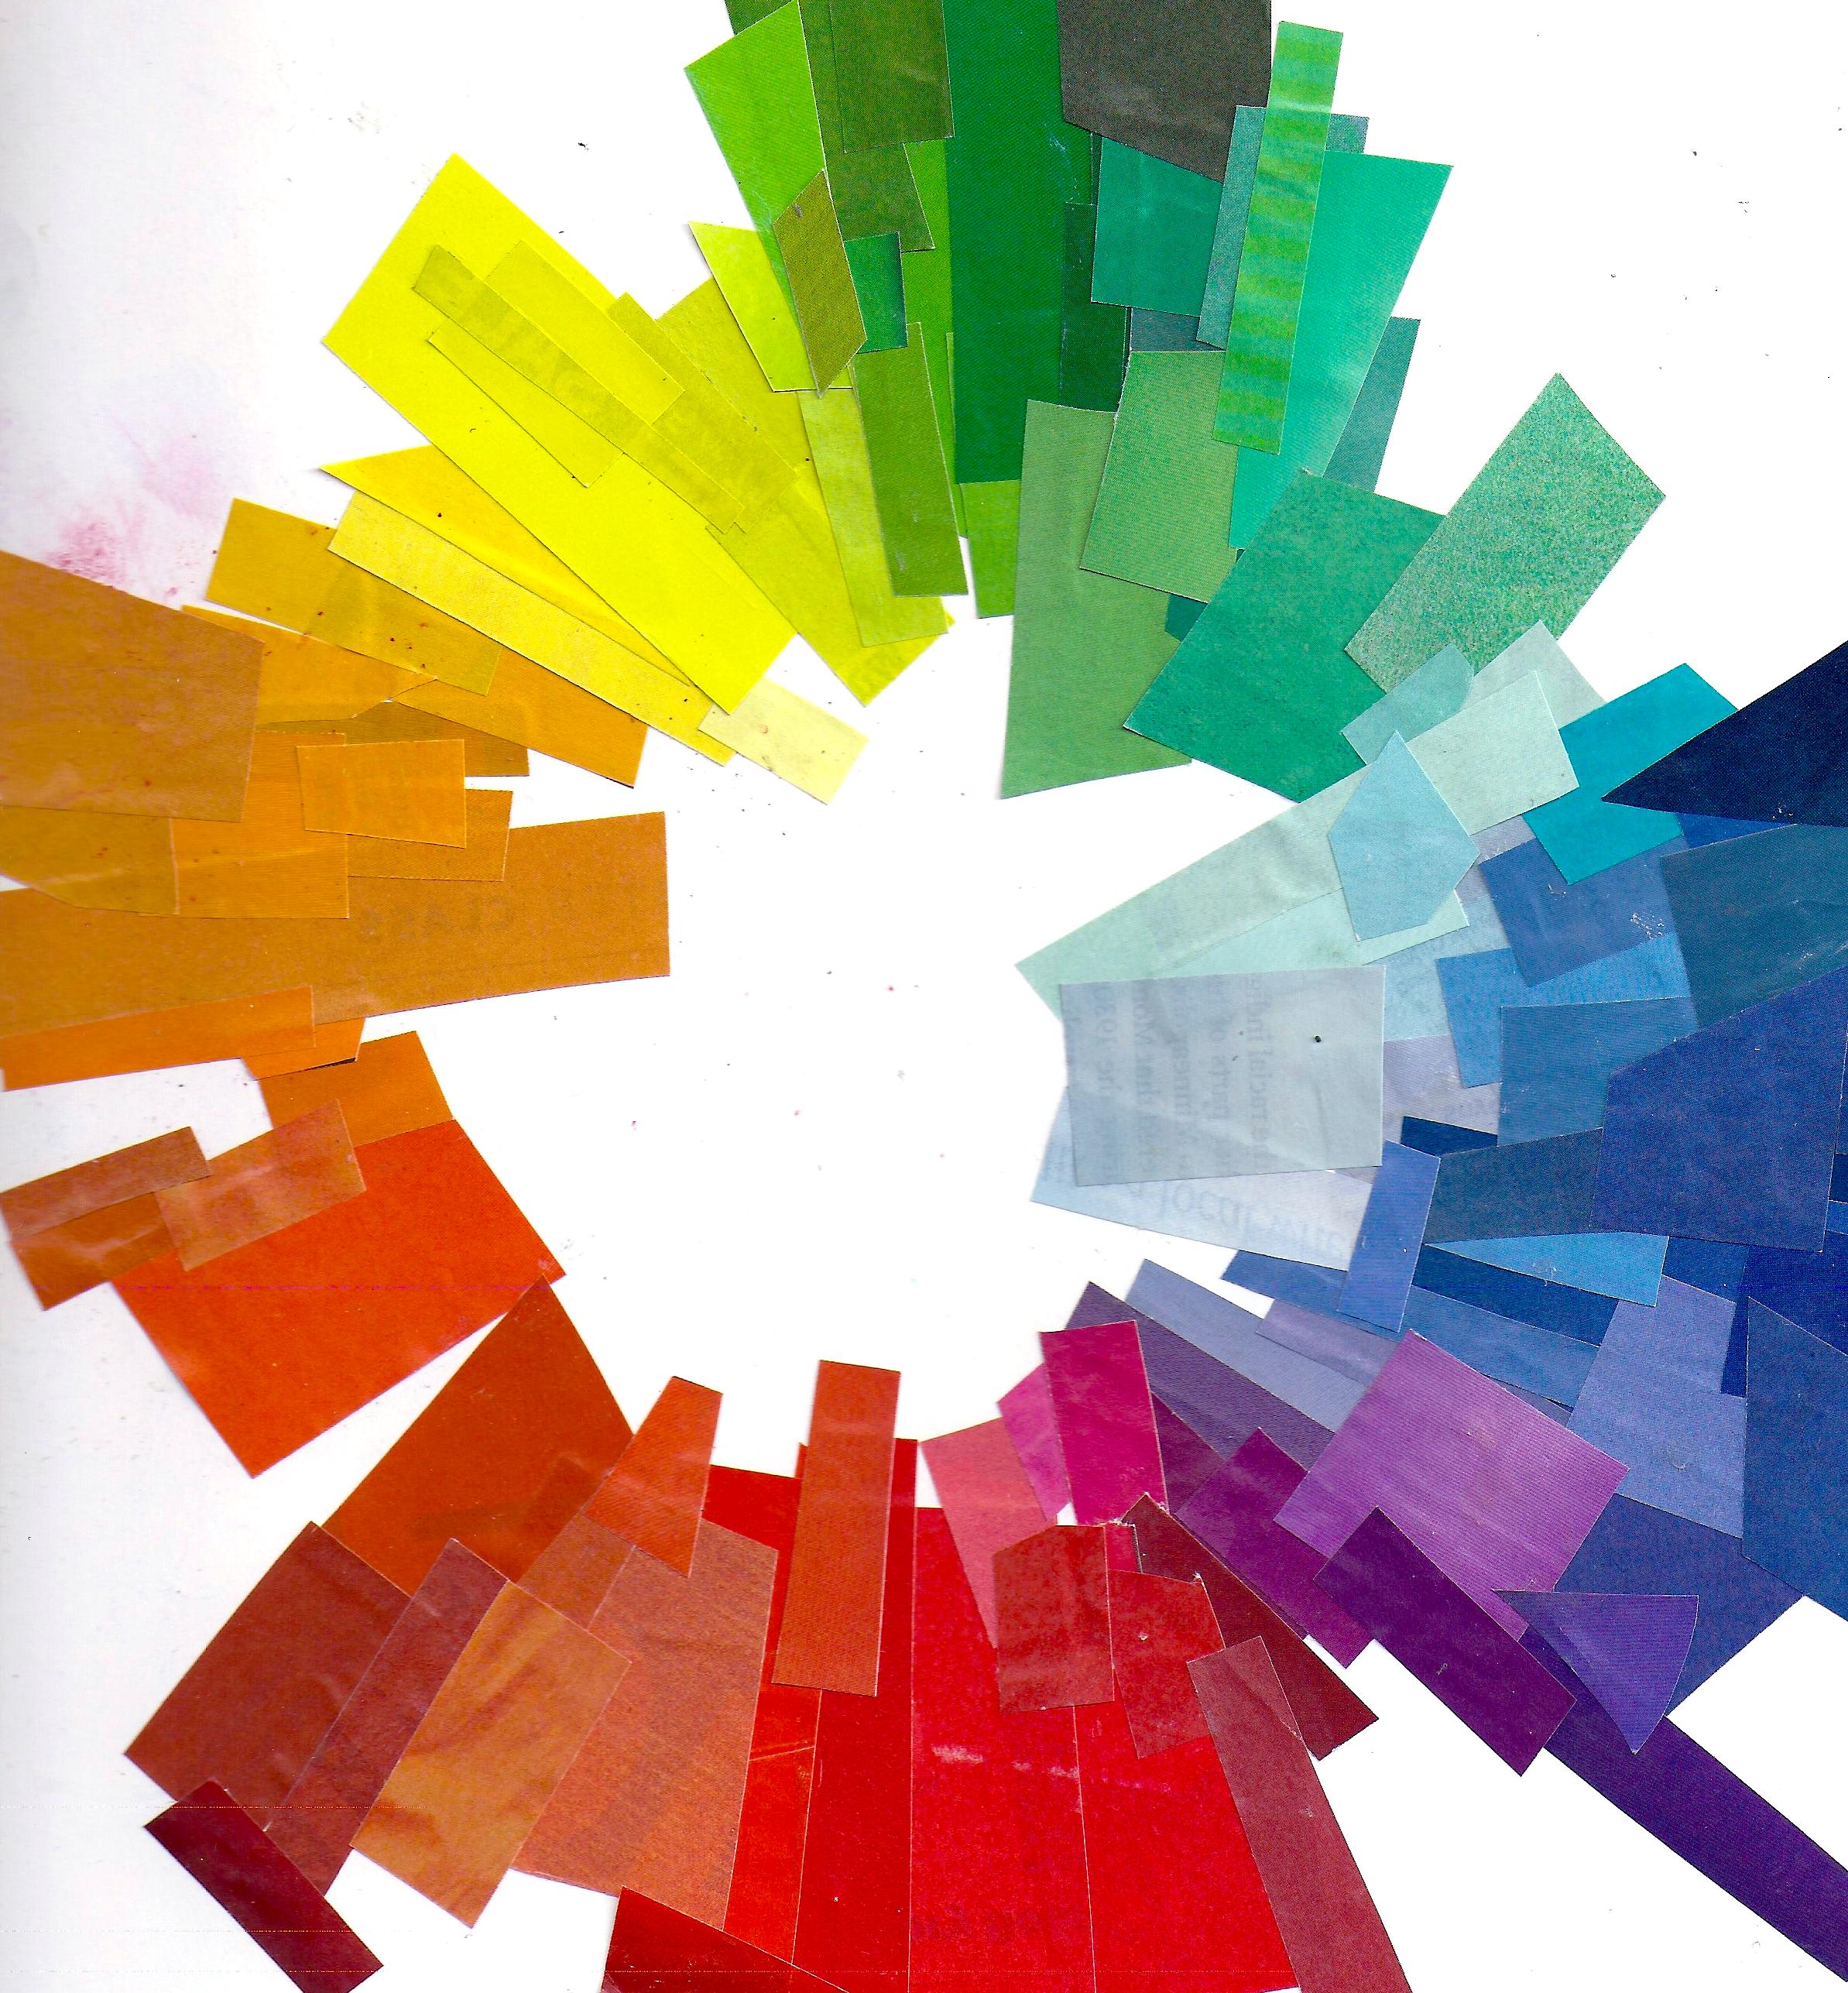 Design Projects Duncan Parcells